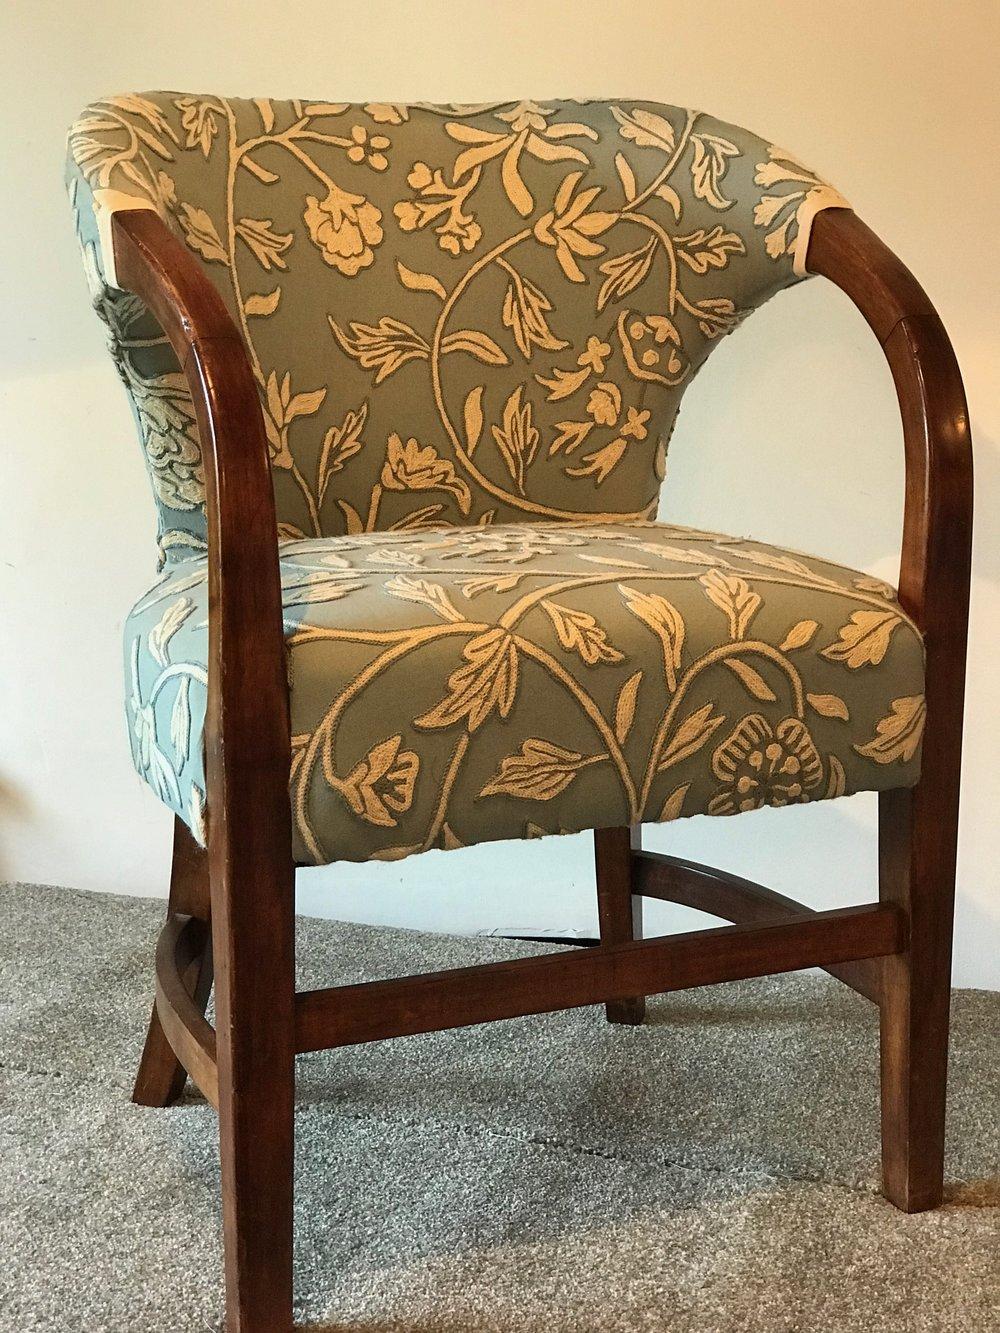 Bedroom chair recoverd in vintage piece of crewel work.jpg